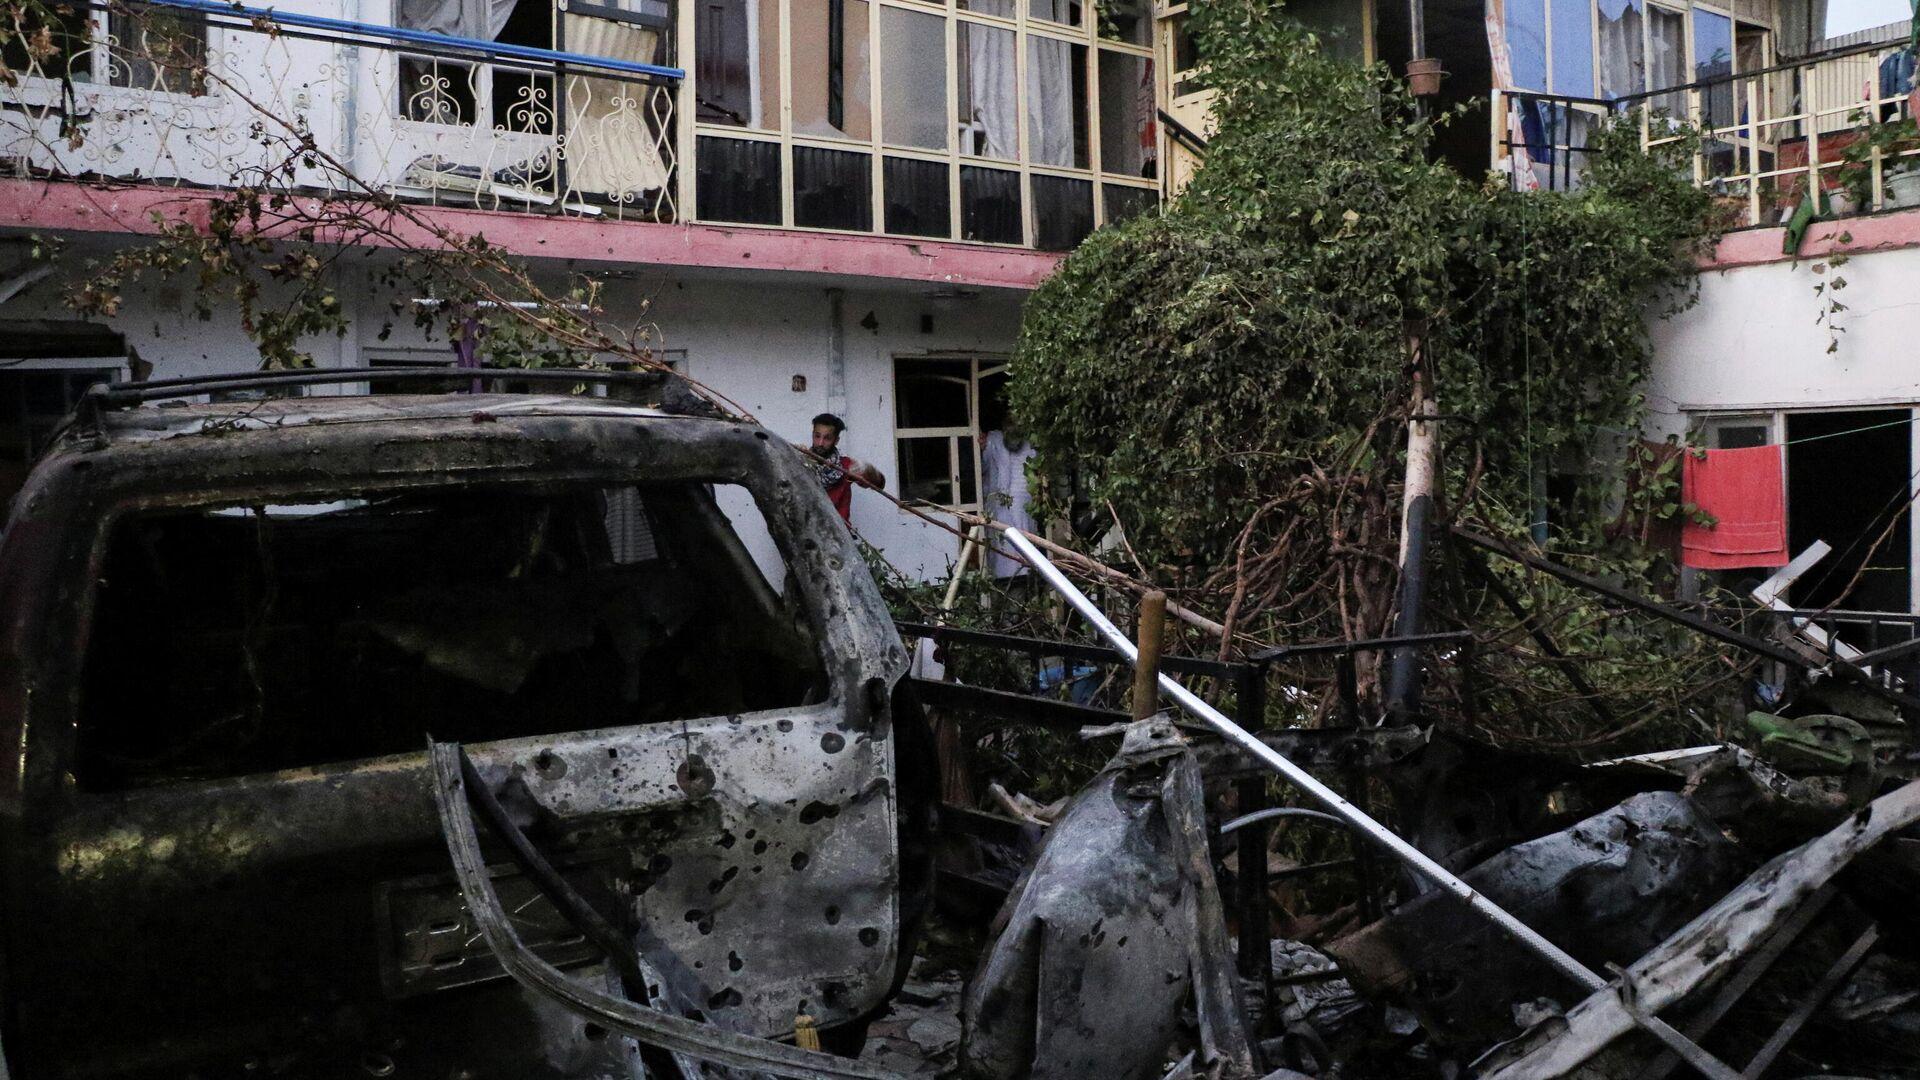 Consecuencias del ataque de EEUU contra posiciones del ISIS en Kabul (Afganistán), el 29 de agosto del 2021 - Sputnik Mundo, 1920, 29.08.2021